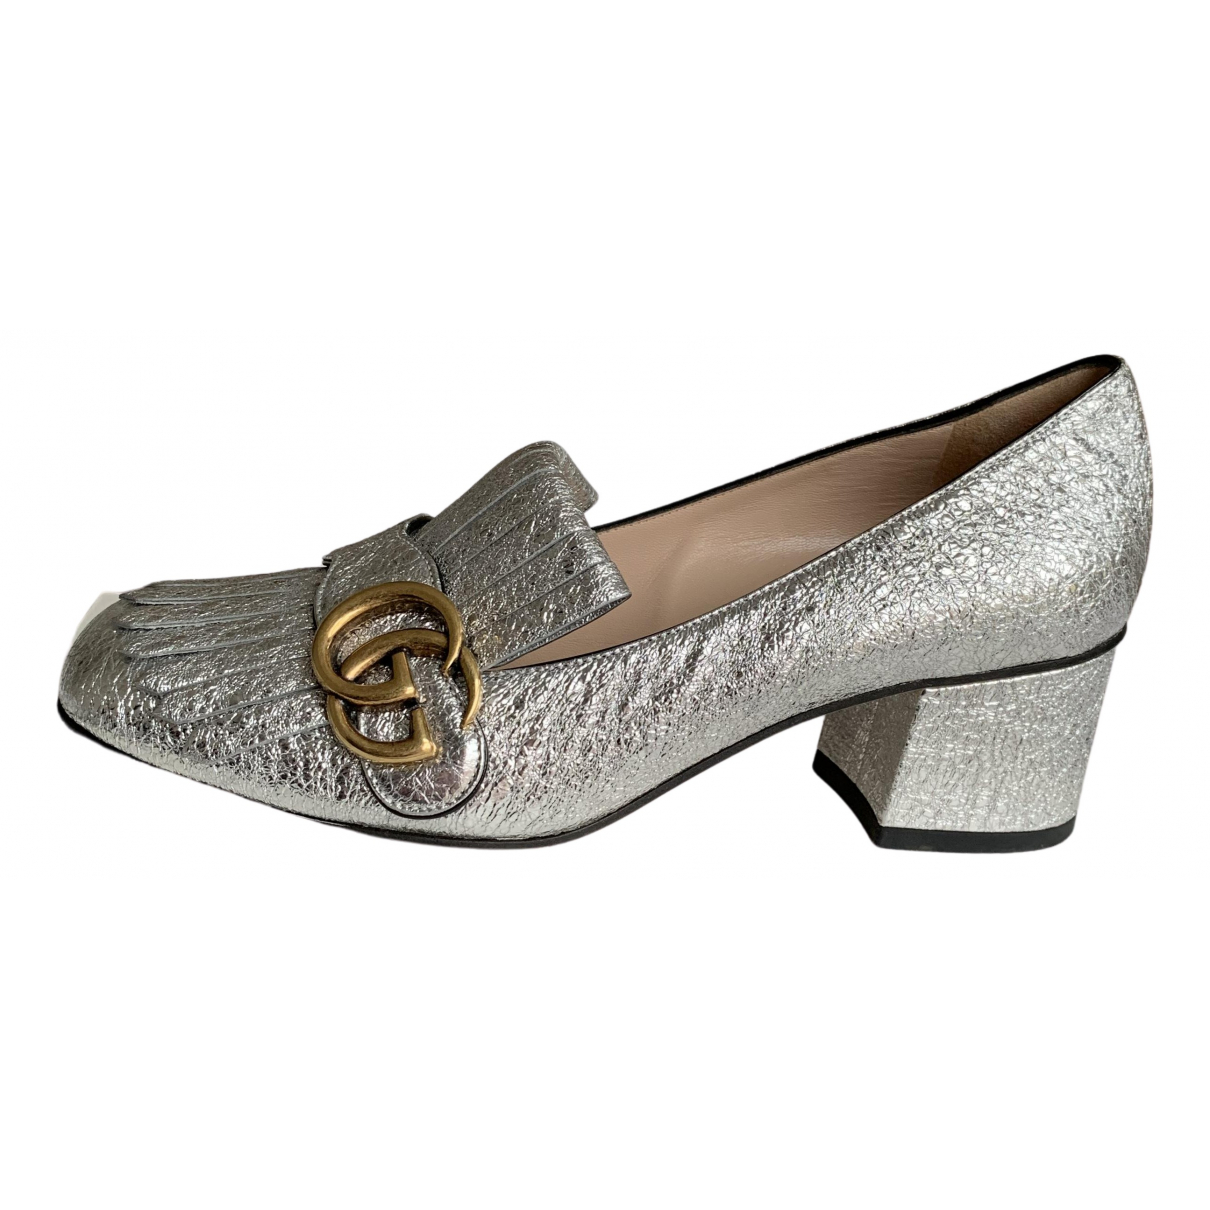 Gucci - Escarpins Marmont pour femme en cuir - metallise